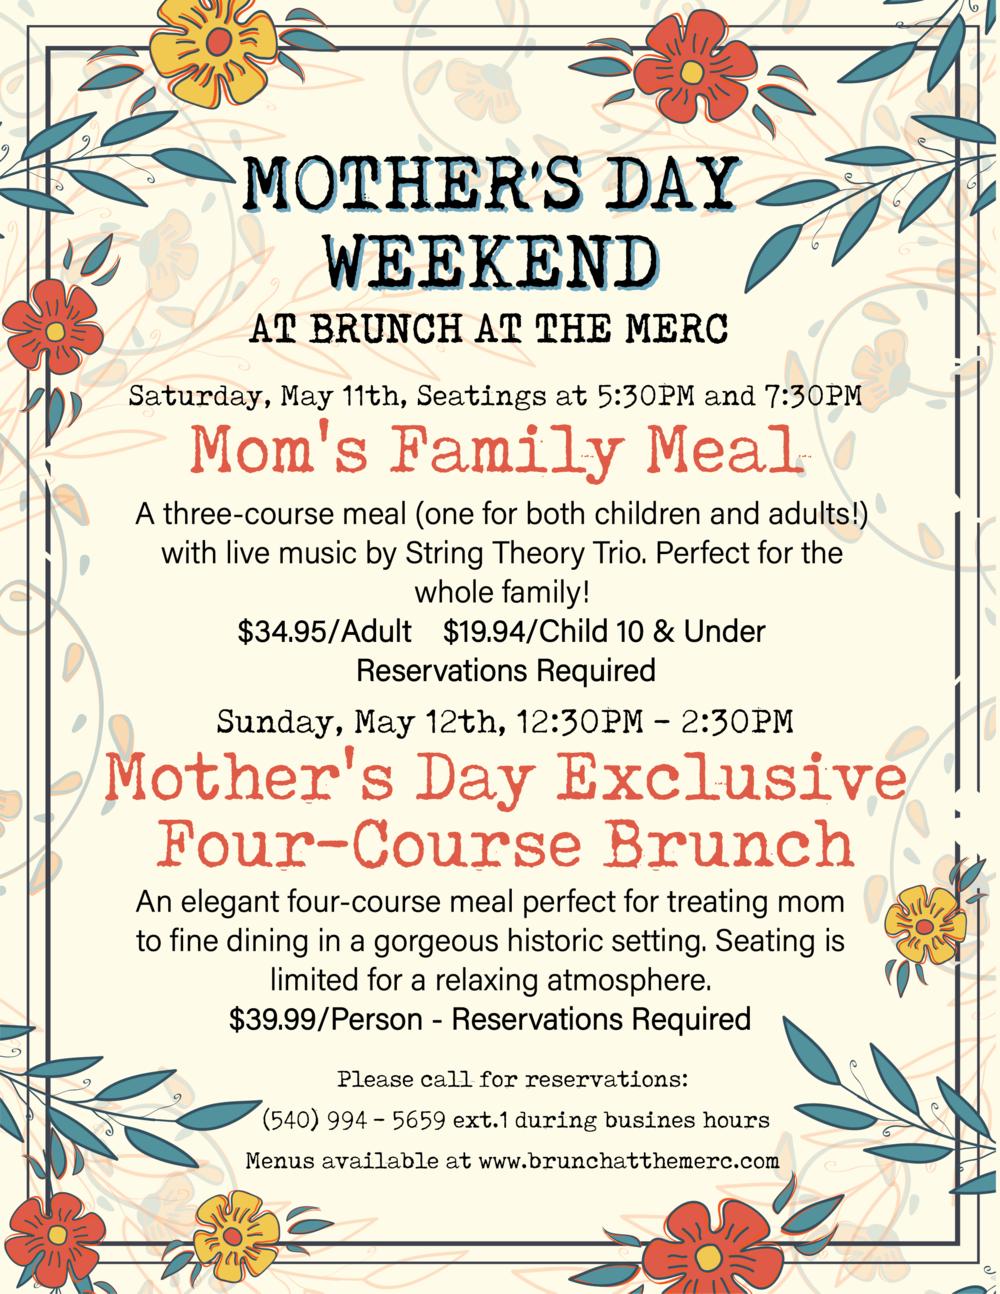 Mother's Day Brunch Menu Flyer 2019-01.png